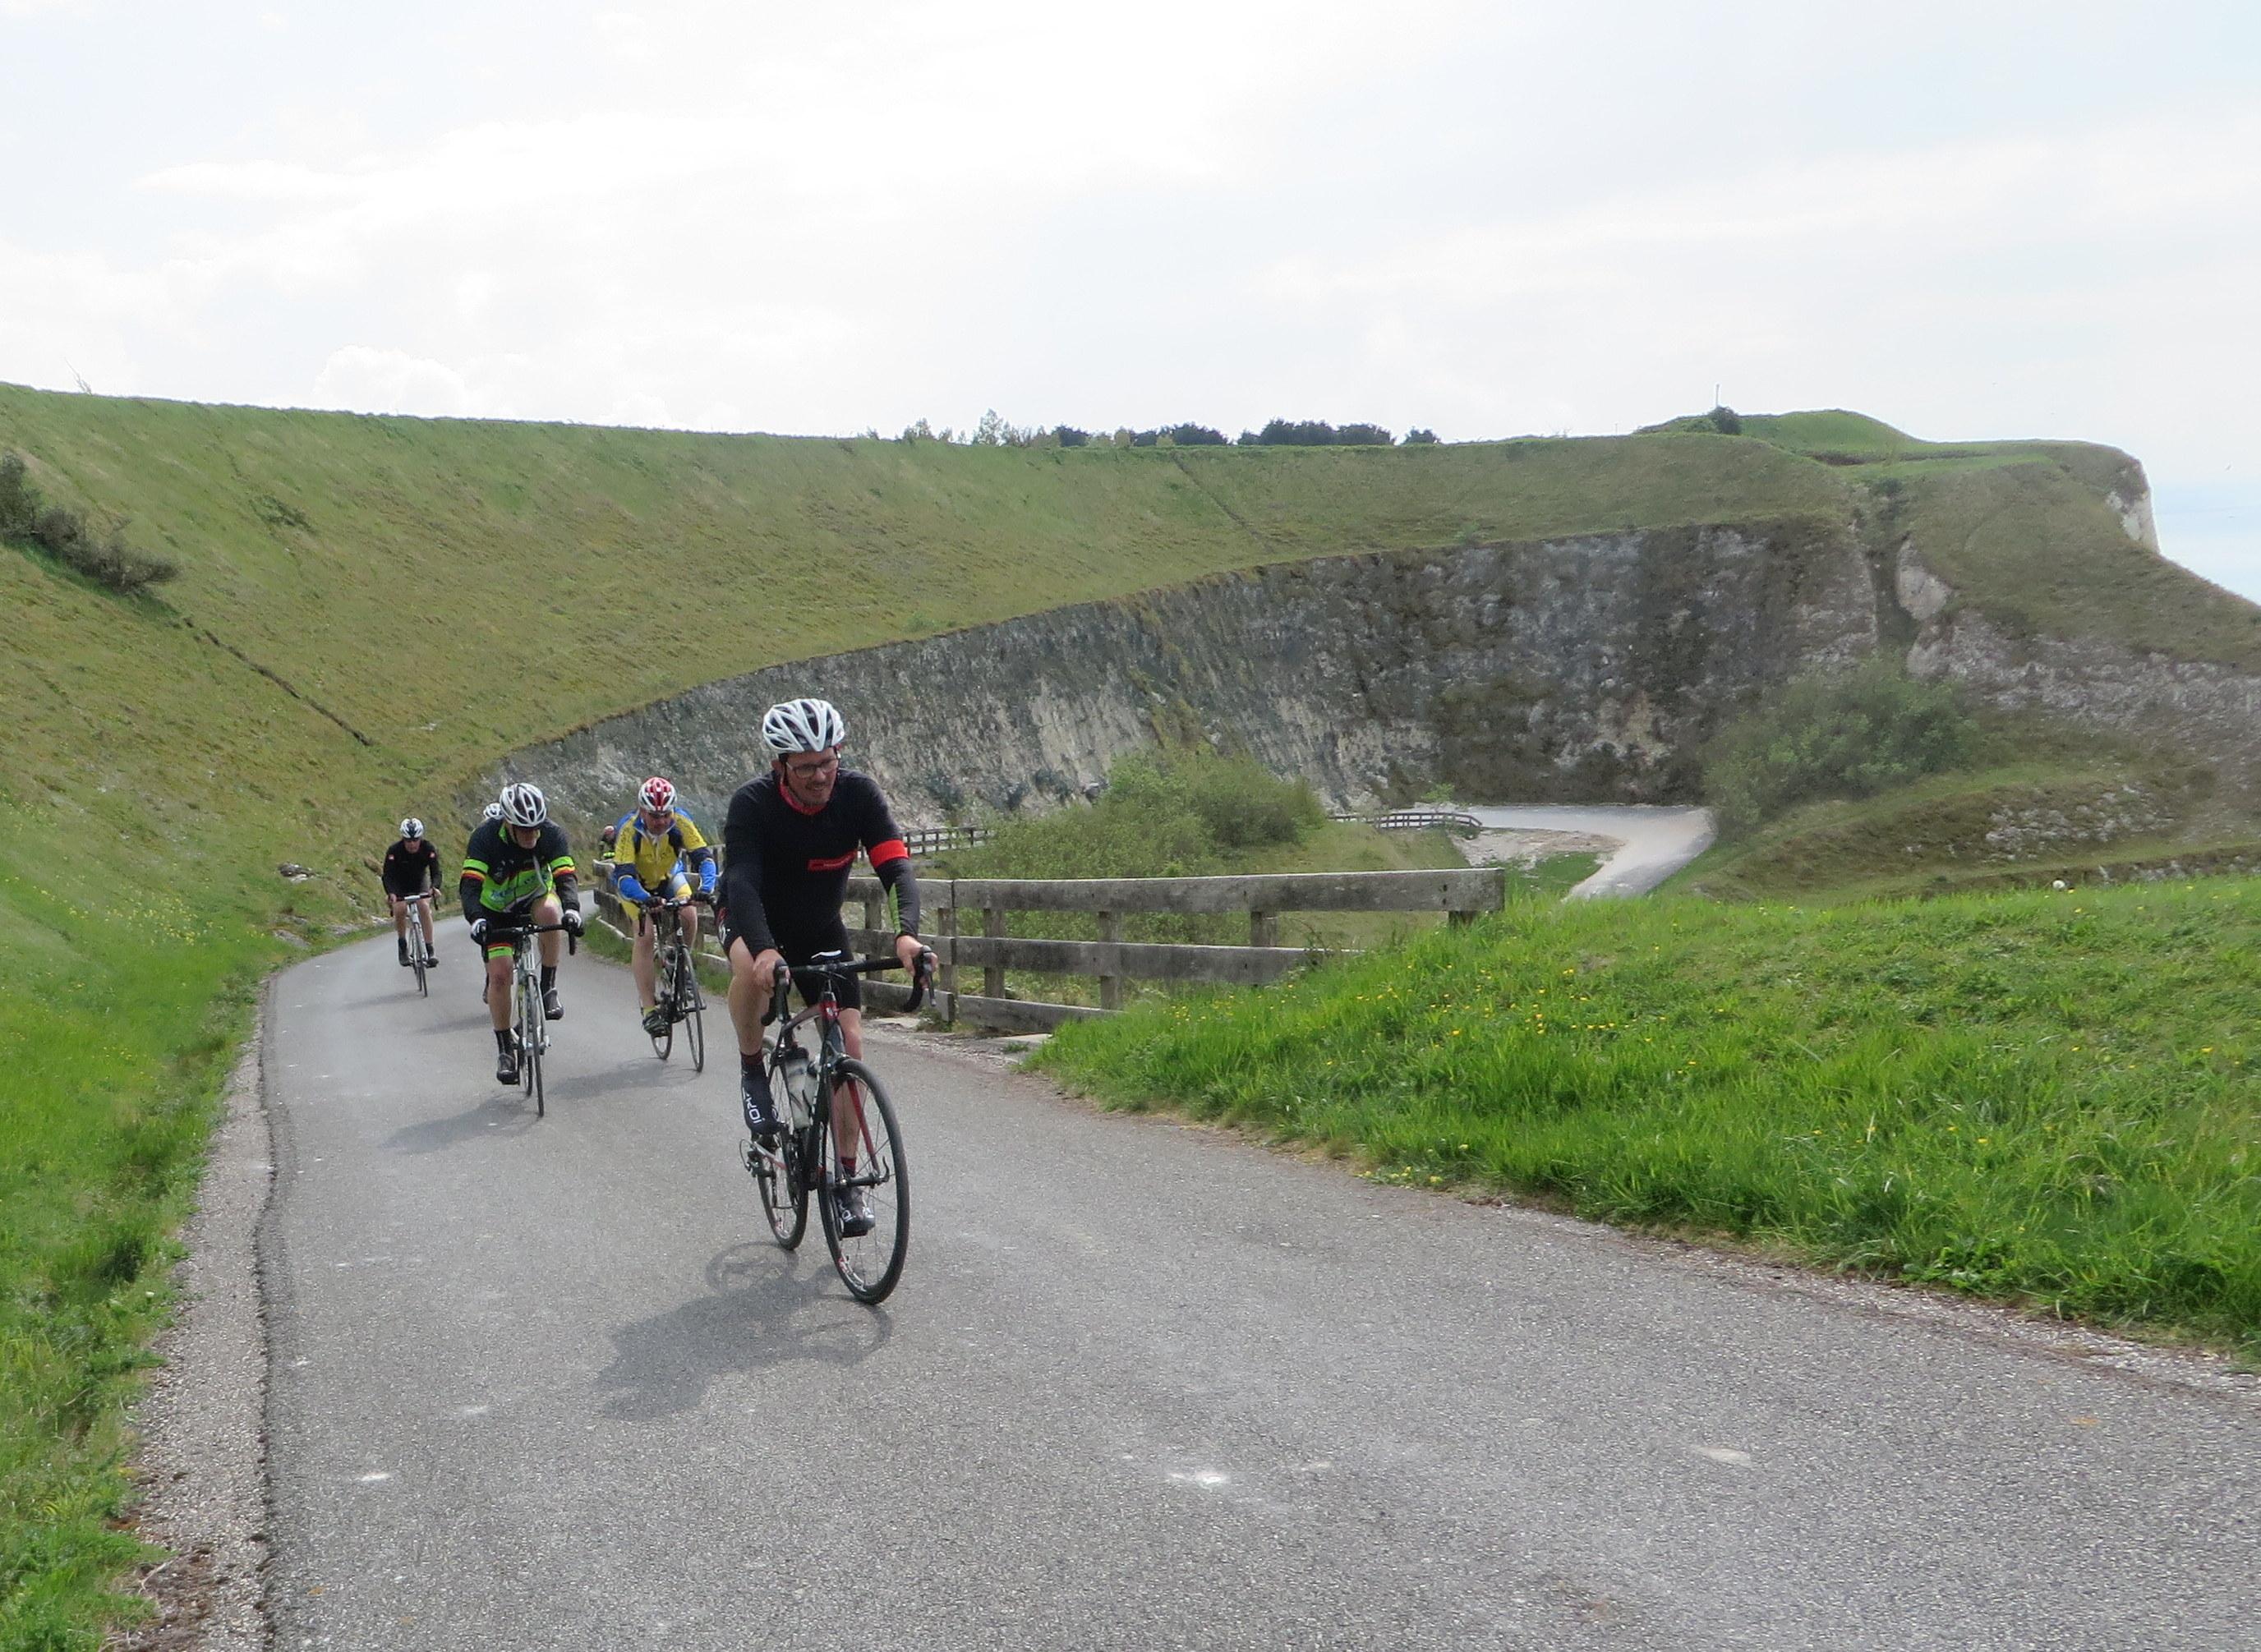 Séjour cyclo en Baie de Somme : du 27 au lundi 30 avril 2018 - Page 6 180501121430560719